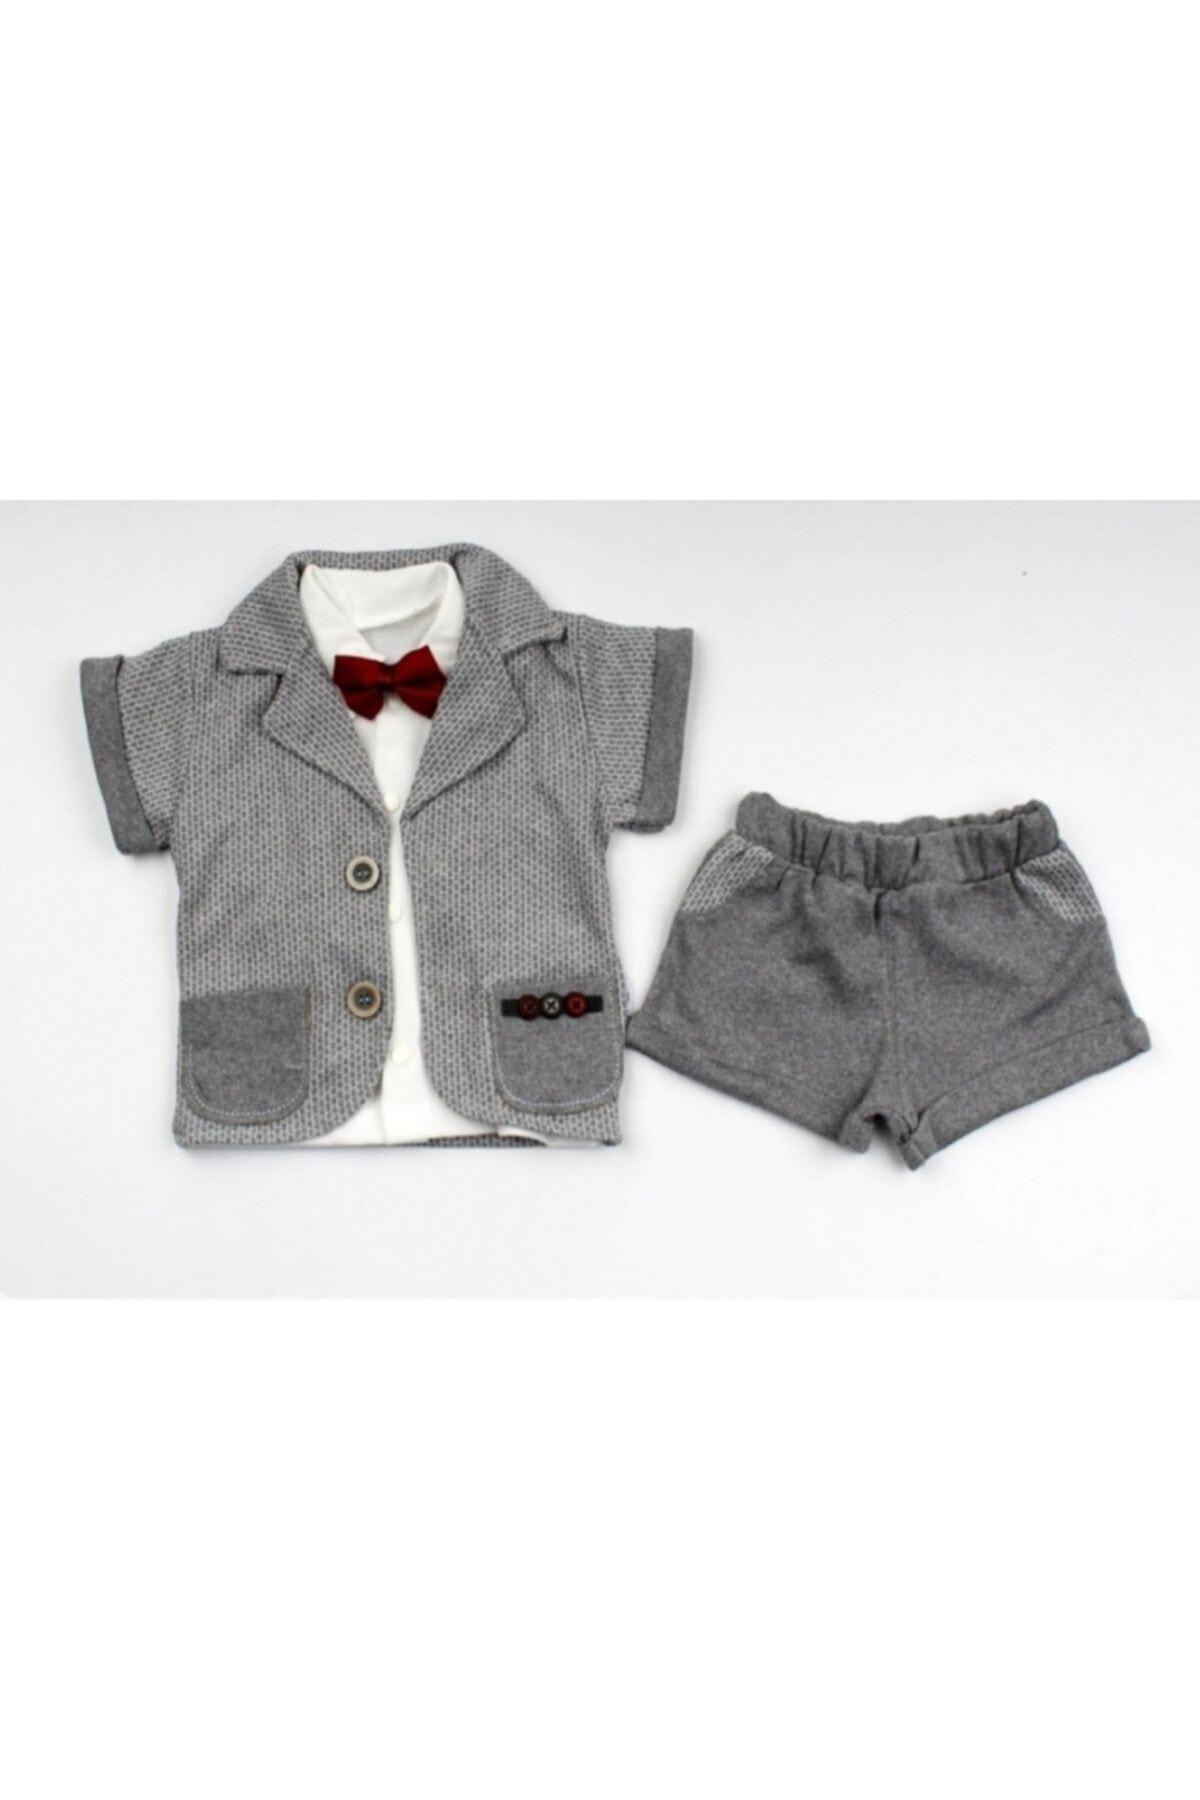 Modimix Erkek Bebek Açık Gri Kısa Kol Cepli 3 Parça Yazlık Takım Elbise 1